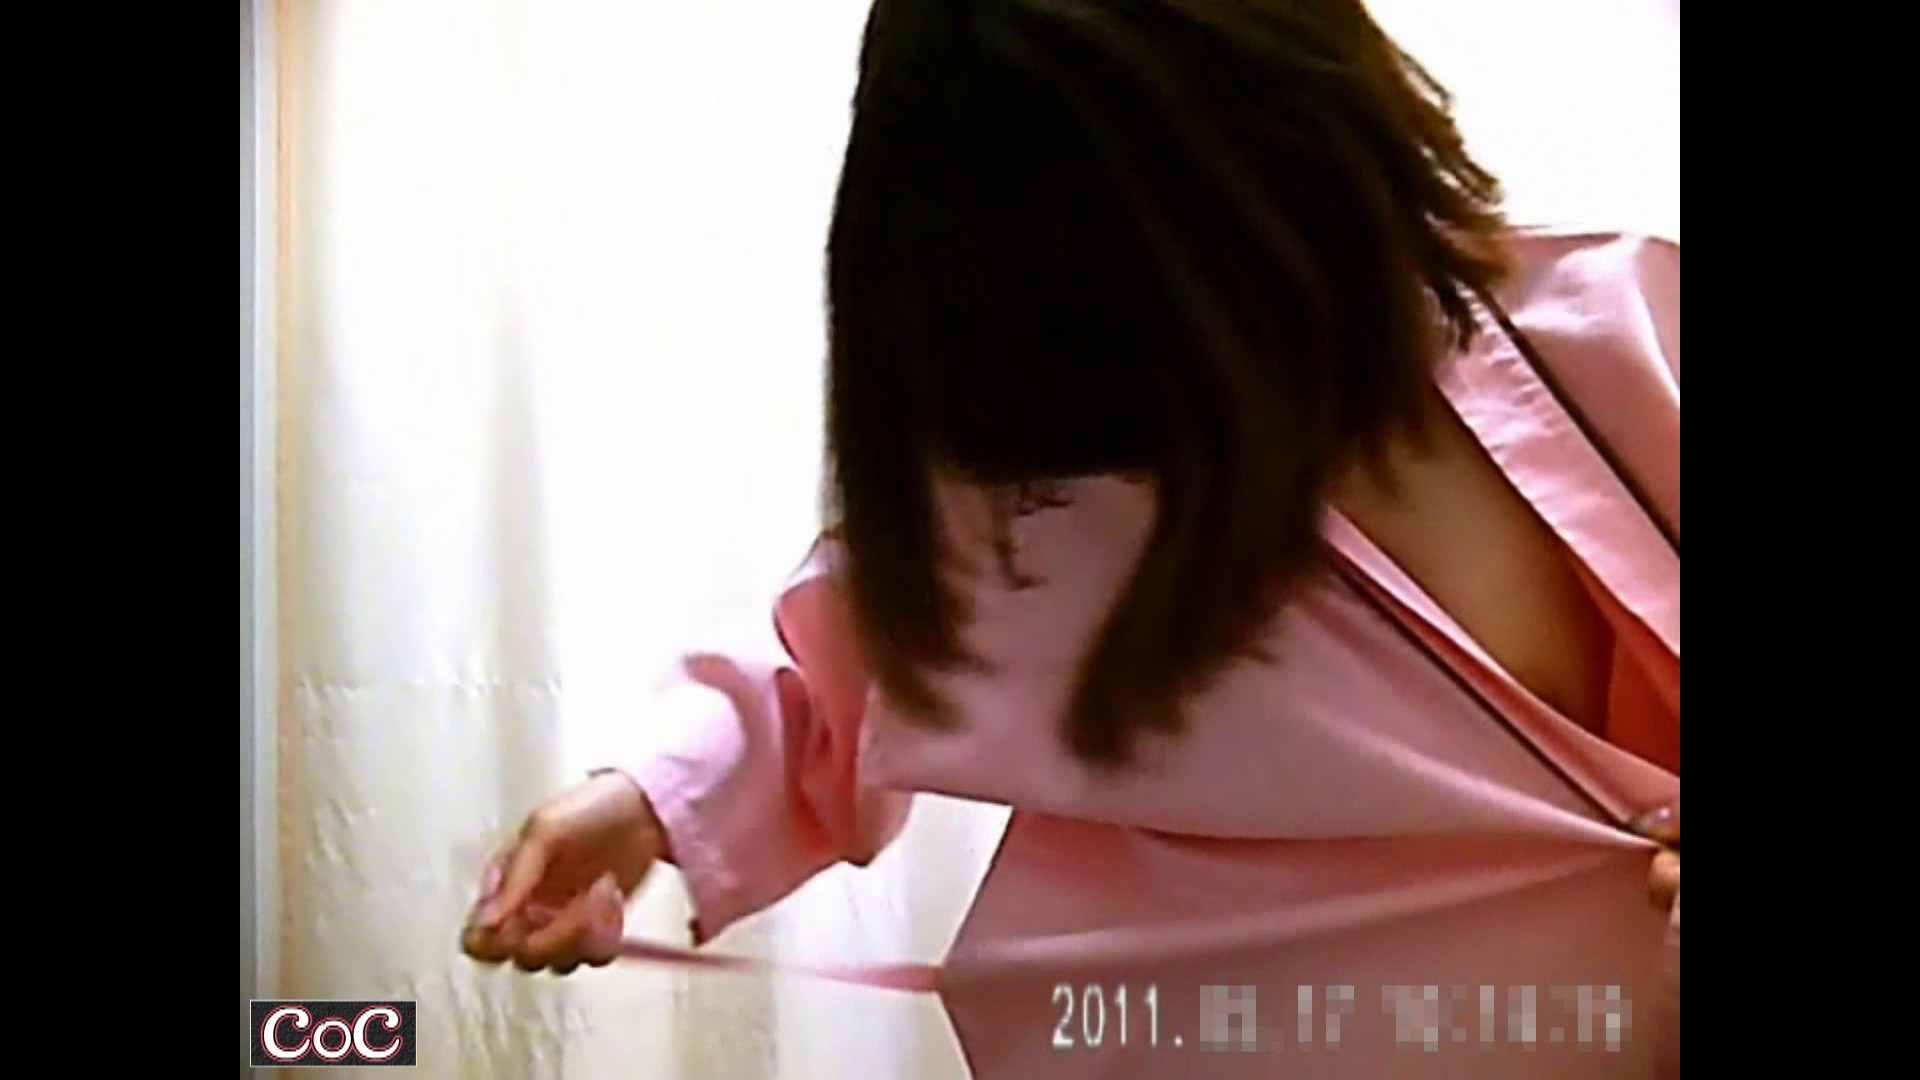 病院おもいっきり着替え! vol.135 着替え 盗撮動画紹介 80PIX 5